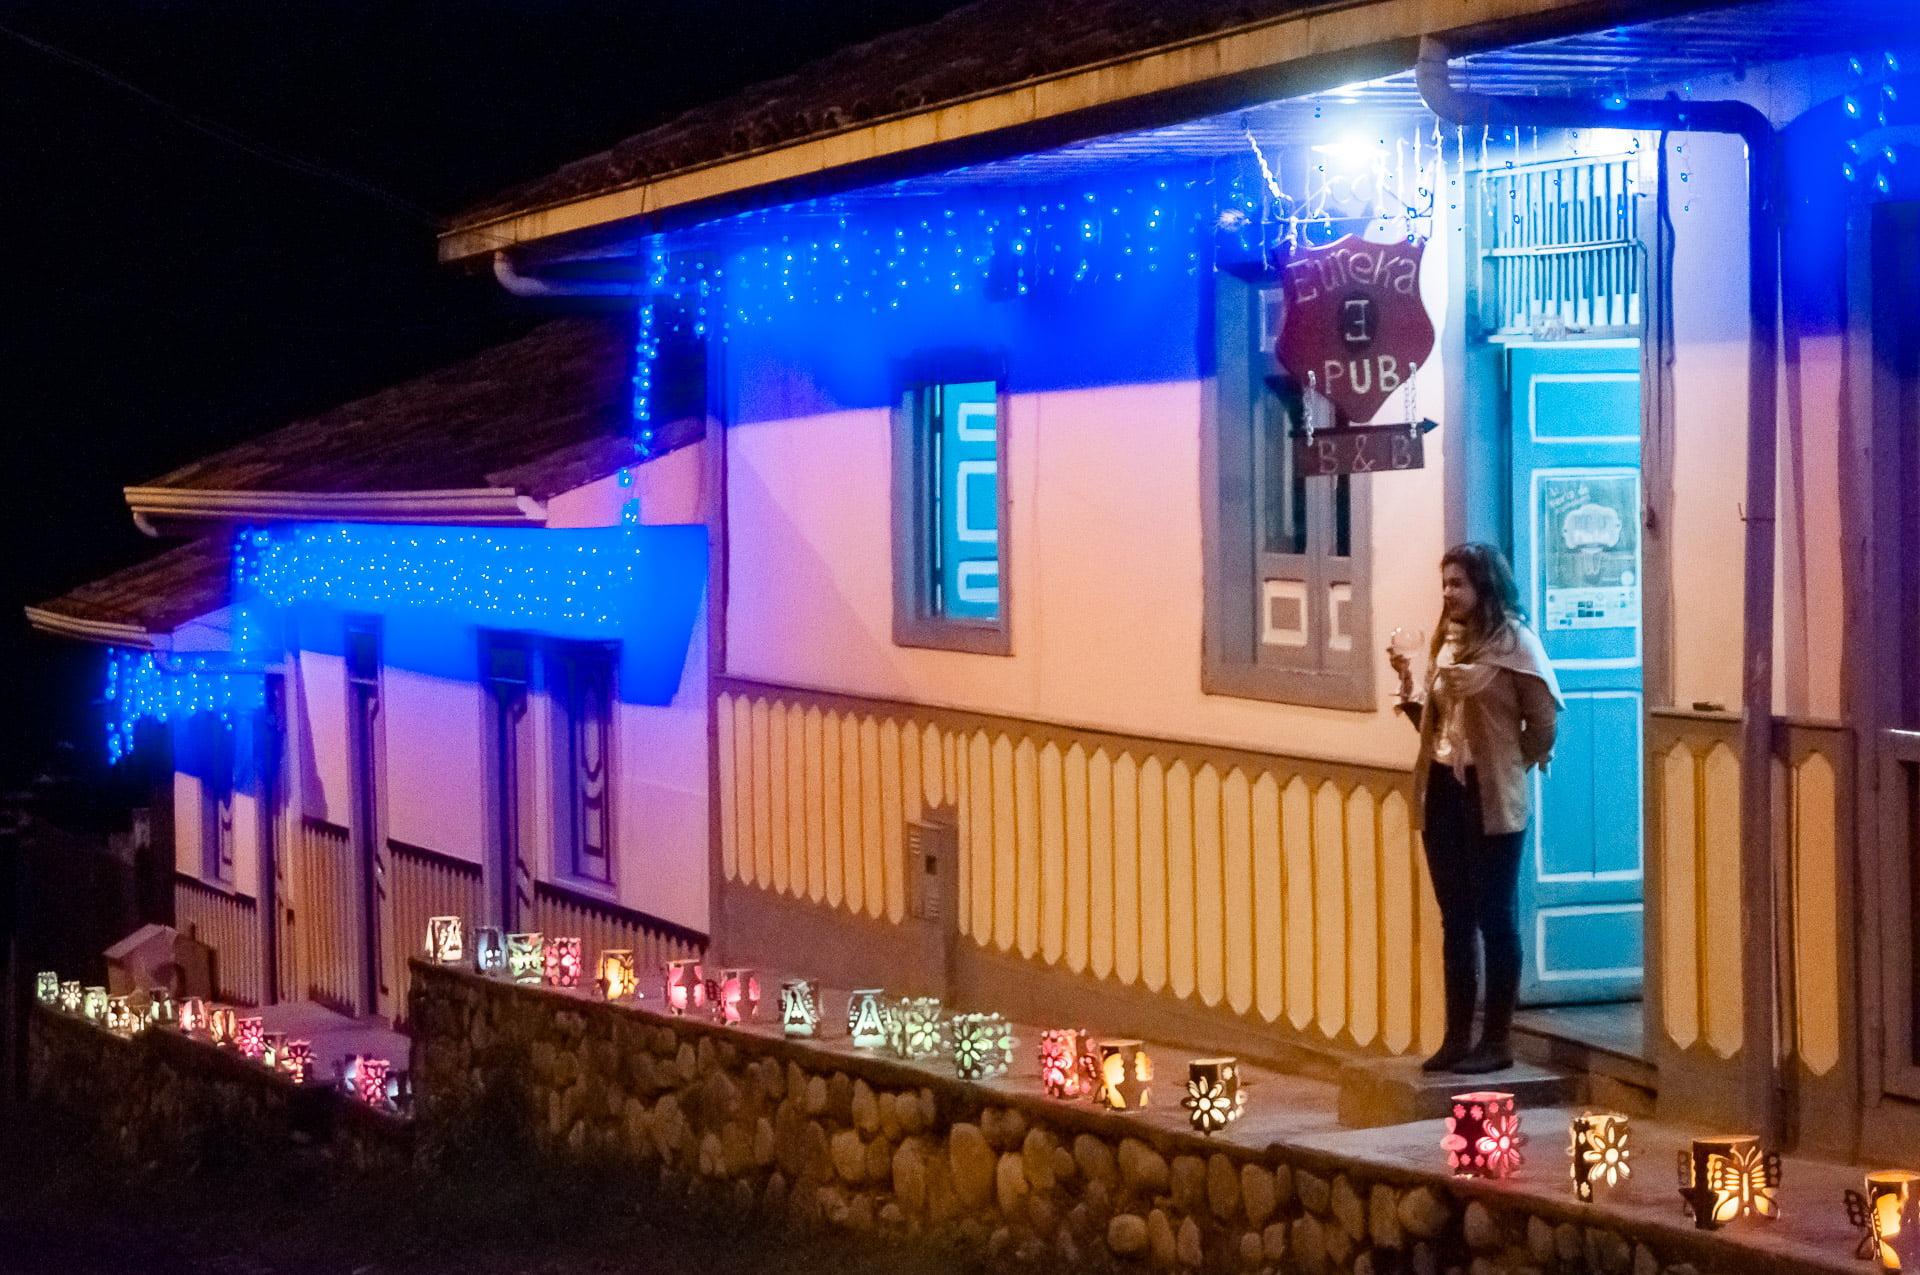 salento lumière maison - Les globe blogueurs - blog voyage nature